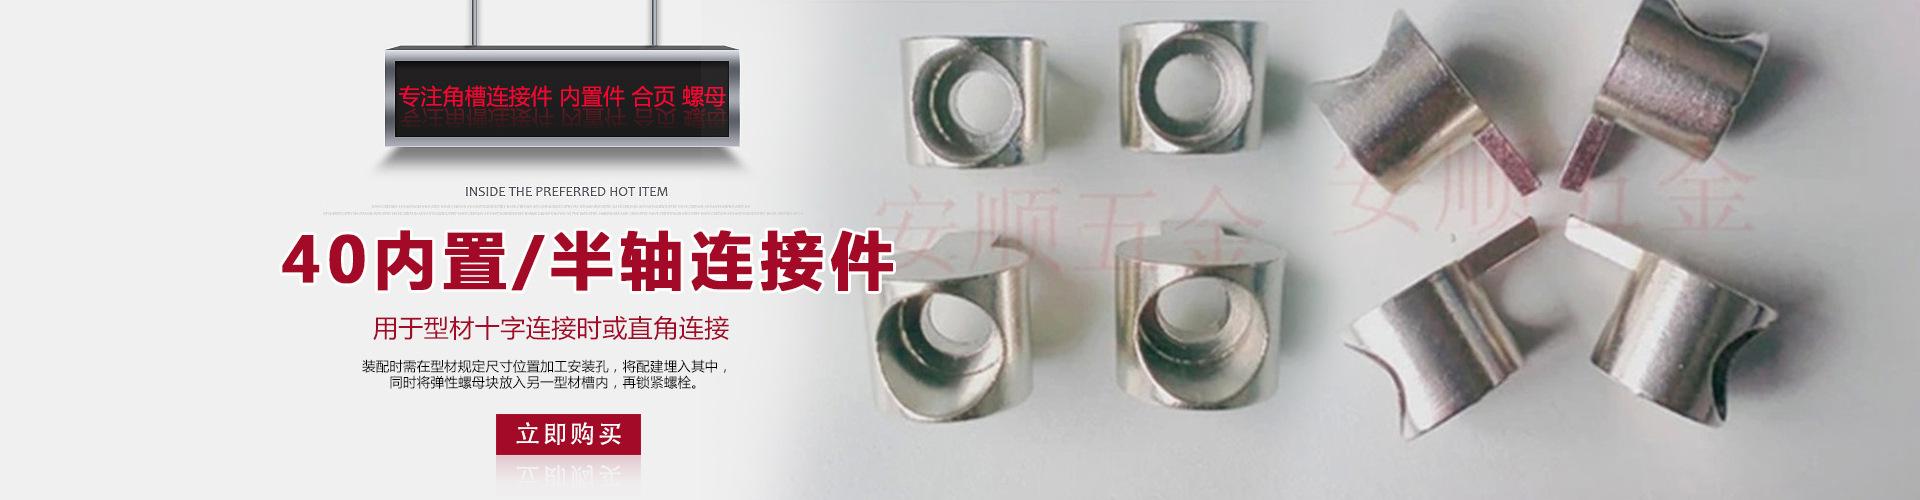 40內置/口哨半軸連接件